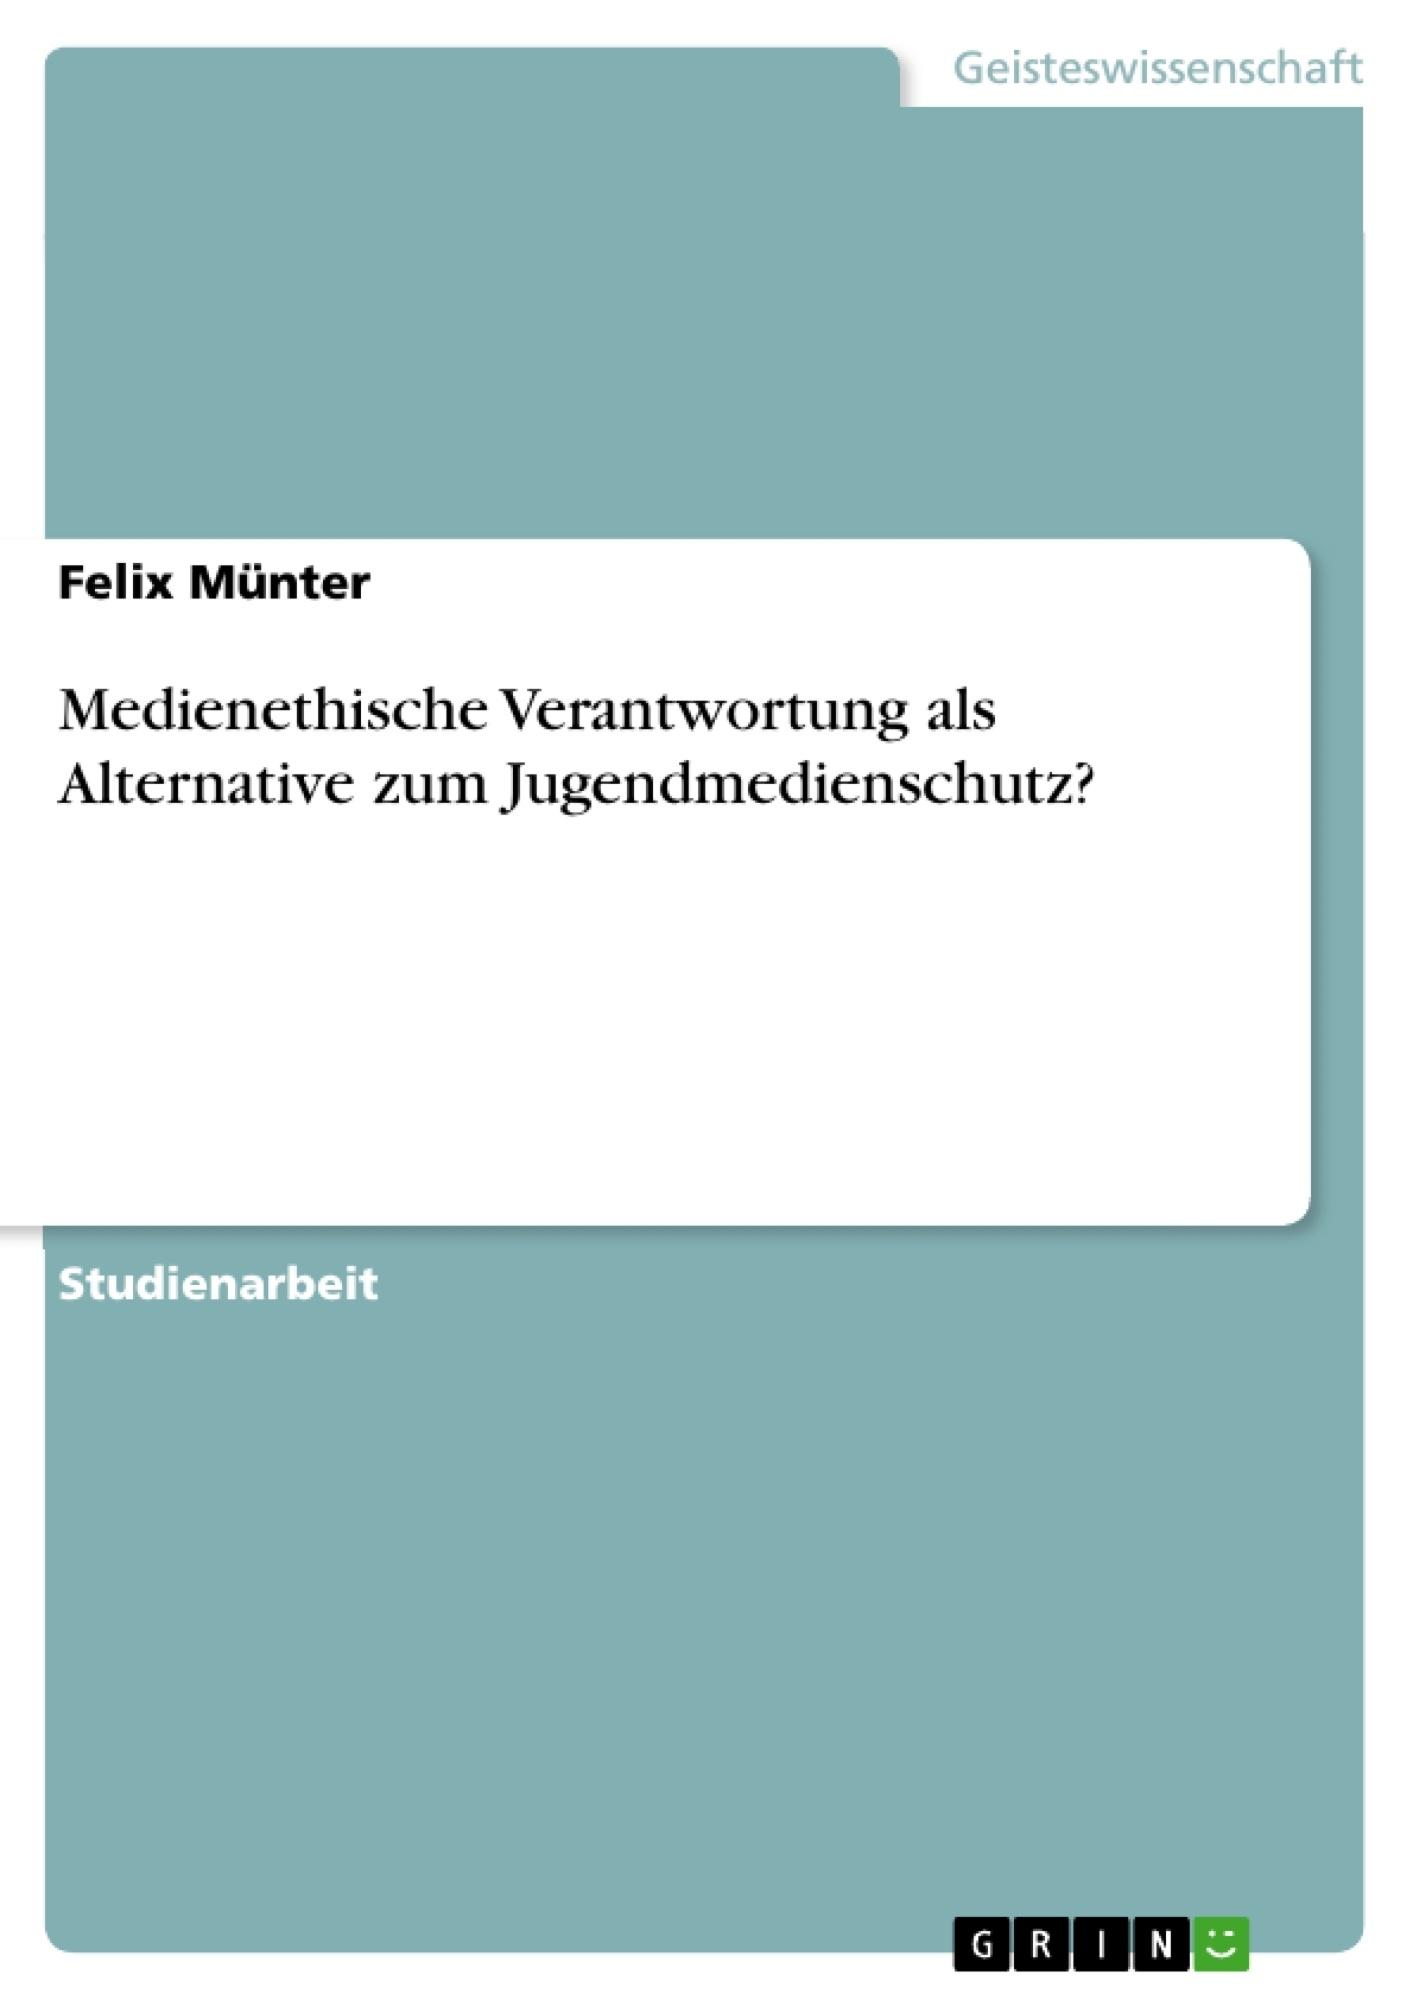 Titel: Medienethische Verantwortung als Alternative zum Jugendmedienschutz?